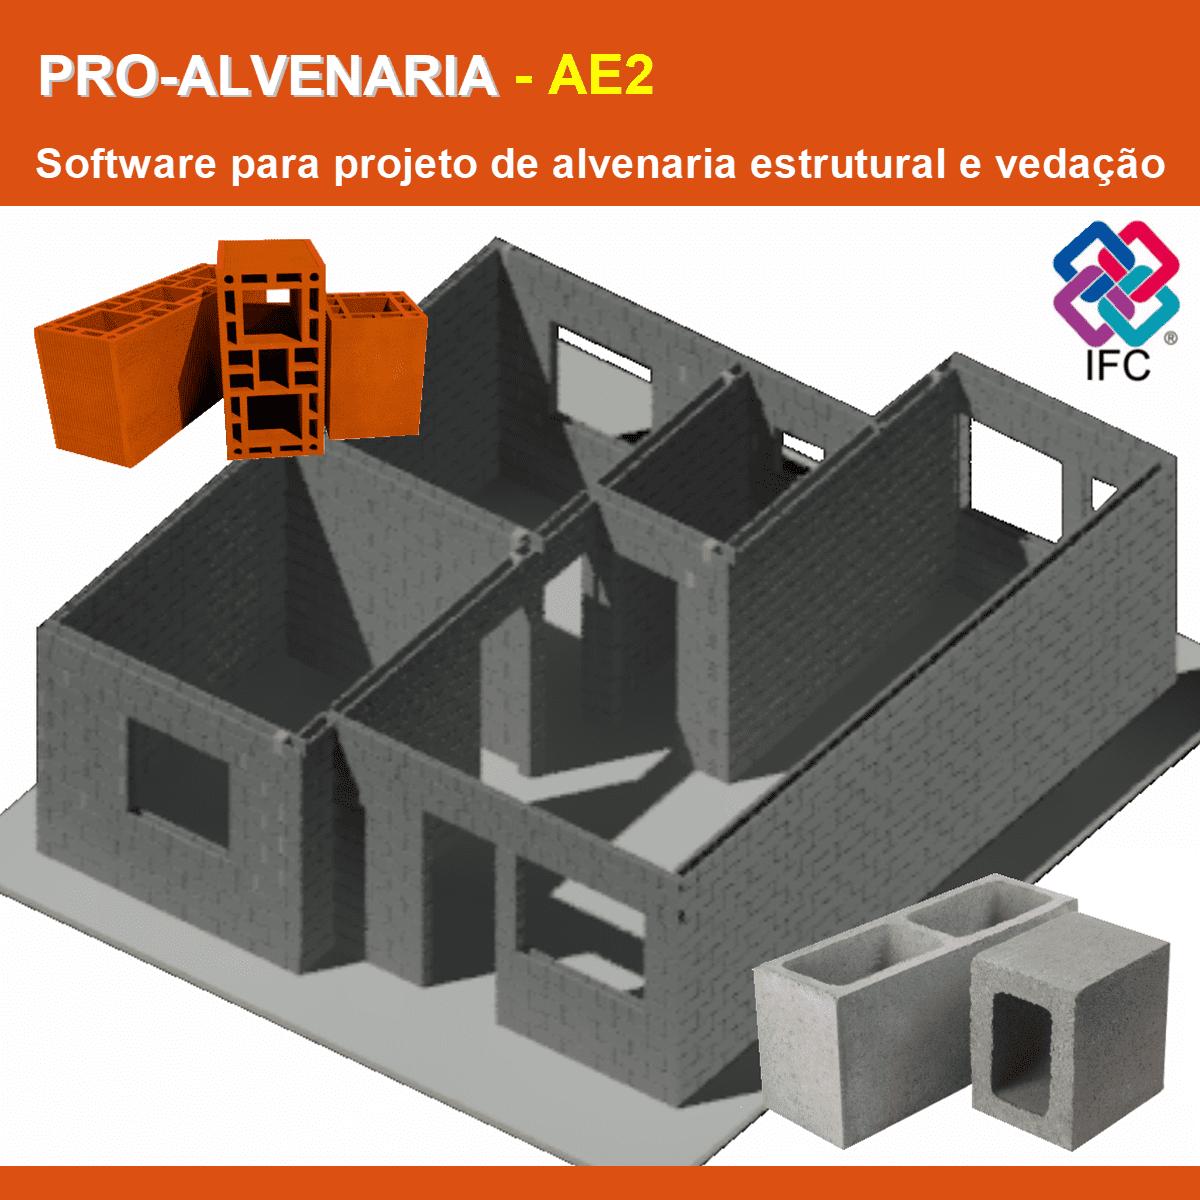 Software PRO-Alvenaria versão 18 incluindo Exportação em IFC Pacote AE2  - MULTIPLUS SOFTWARES